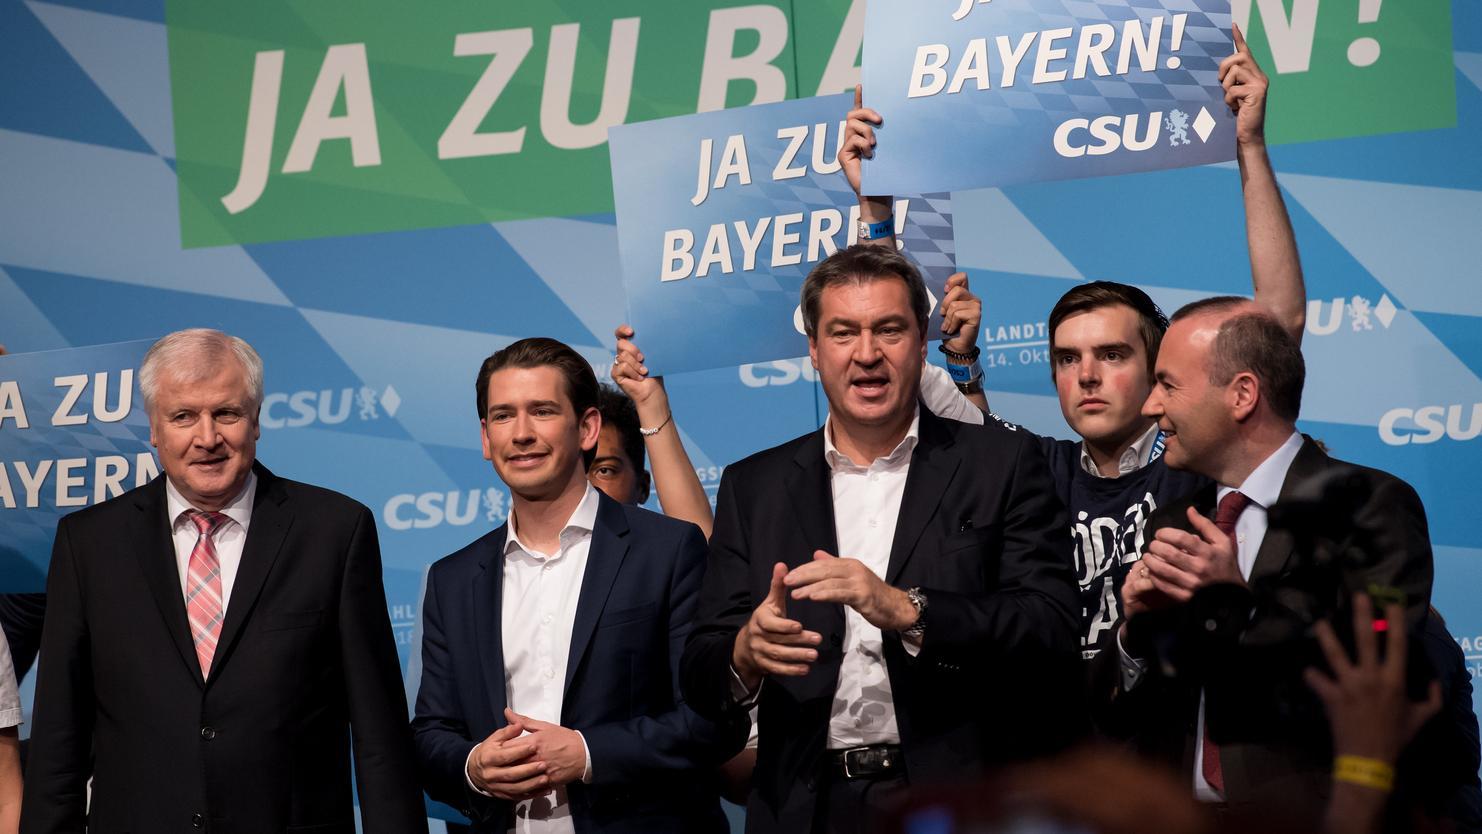 Die CSU-Spitze mit Gastredner Kurz beim Wahlkampfabschluss